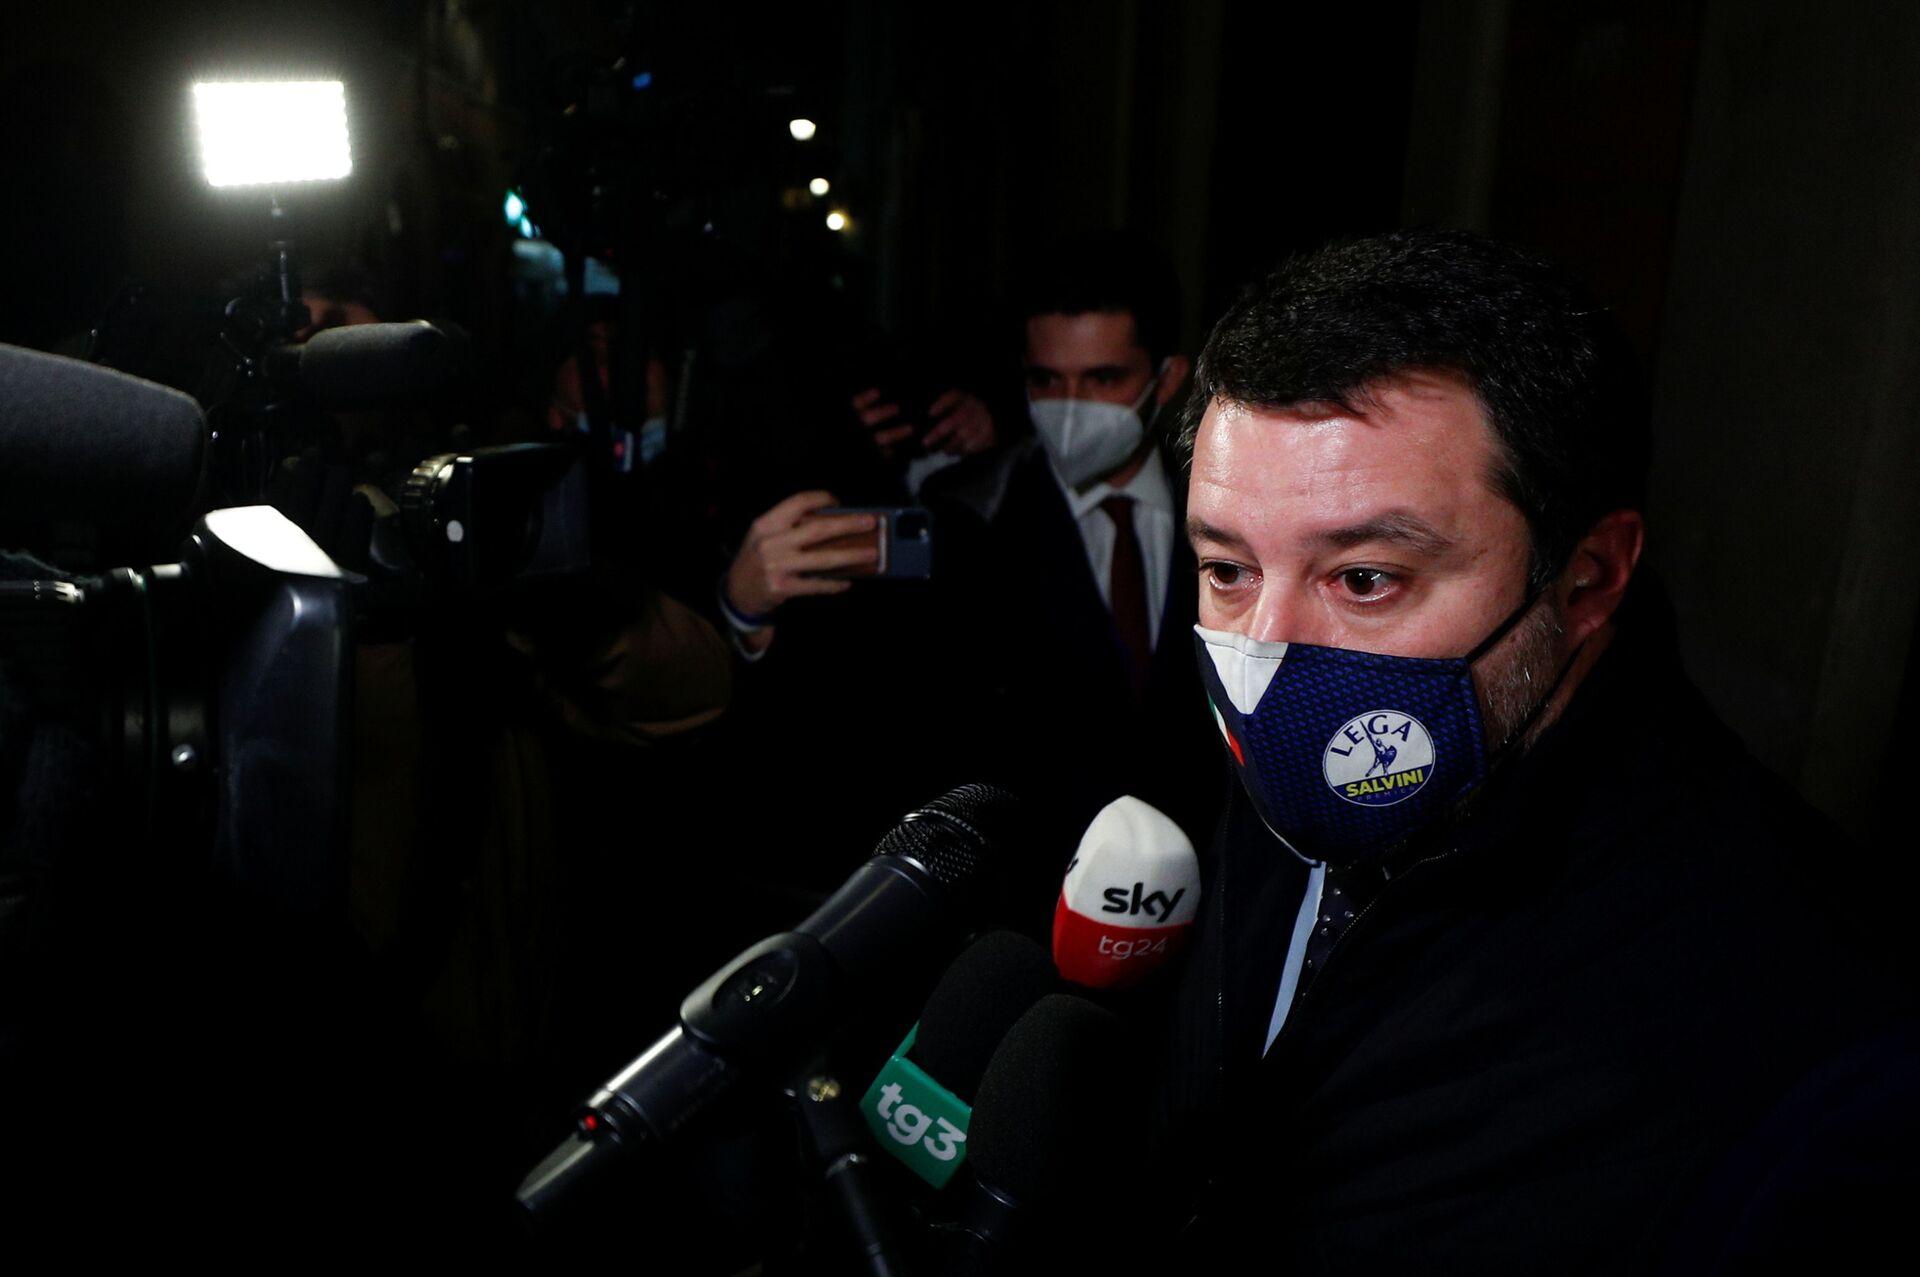 Salvini apre al governo Draghi: Il bene del Paese supera l'interesse personale - Sputnik Italia, 1920, 06.02.2021